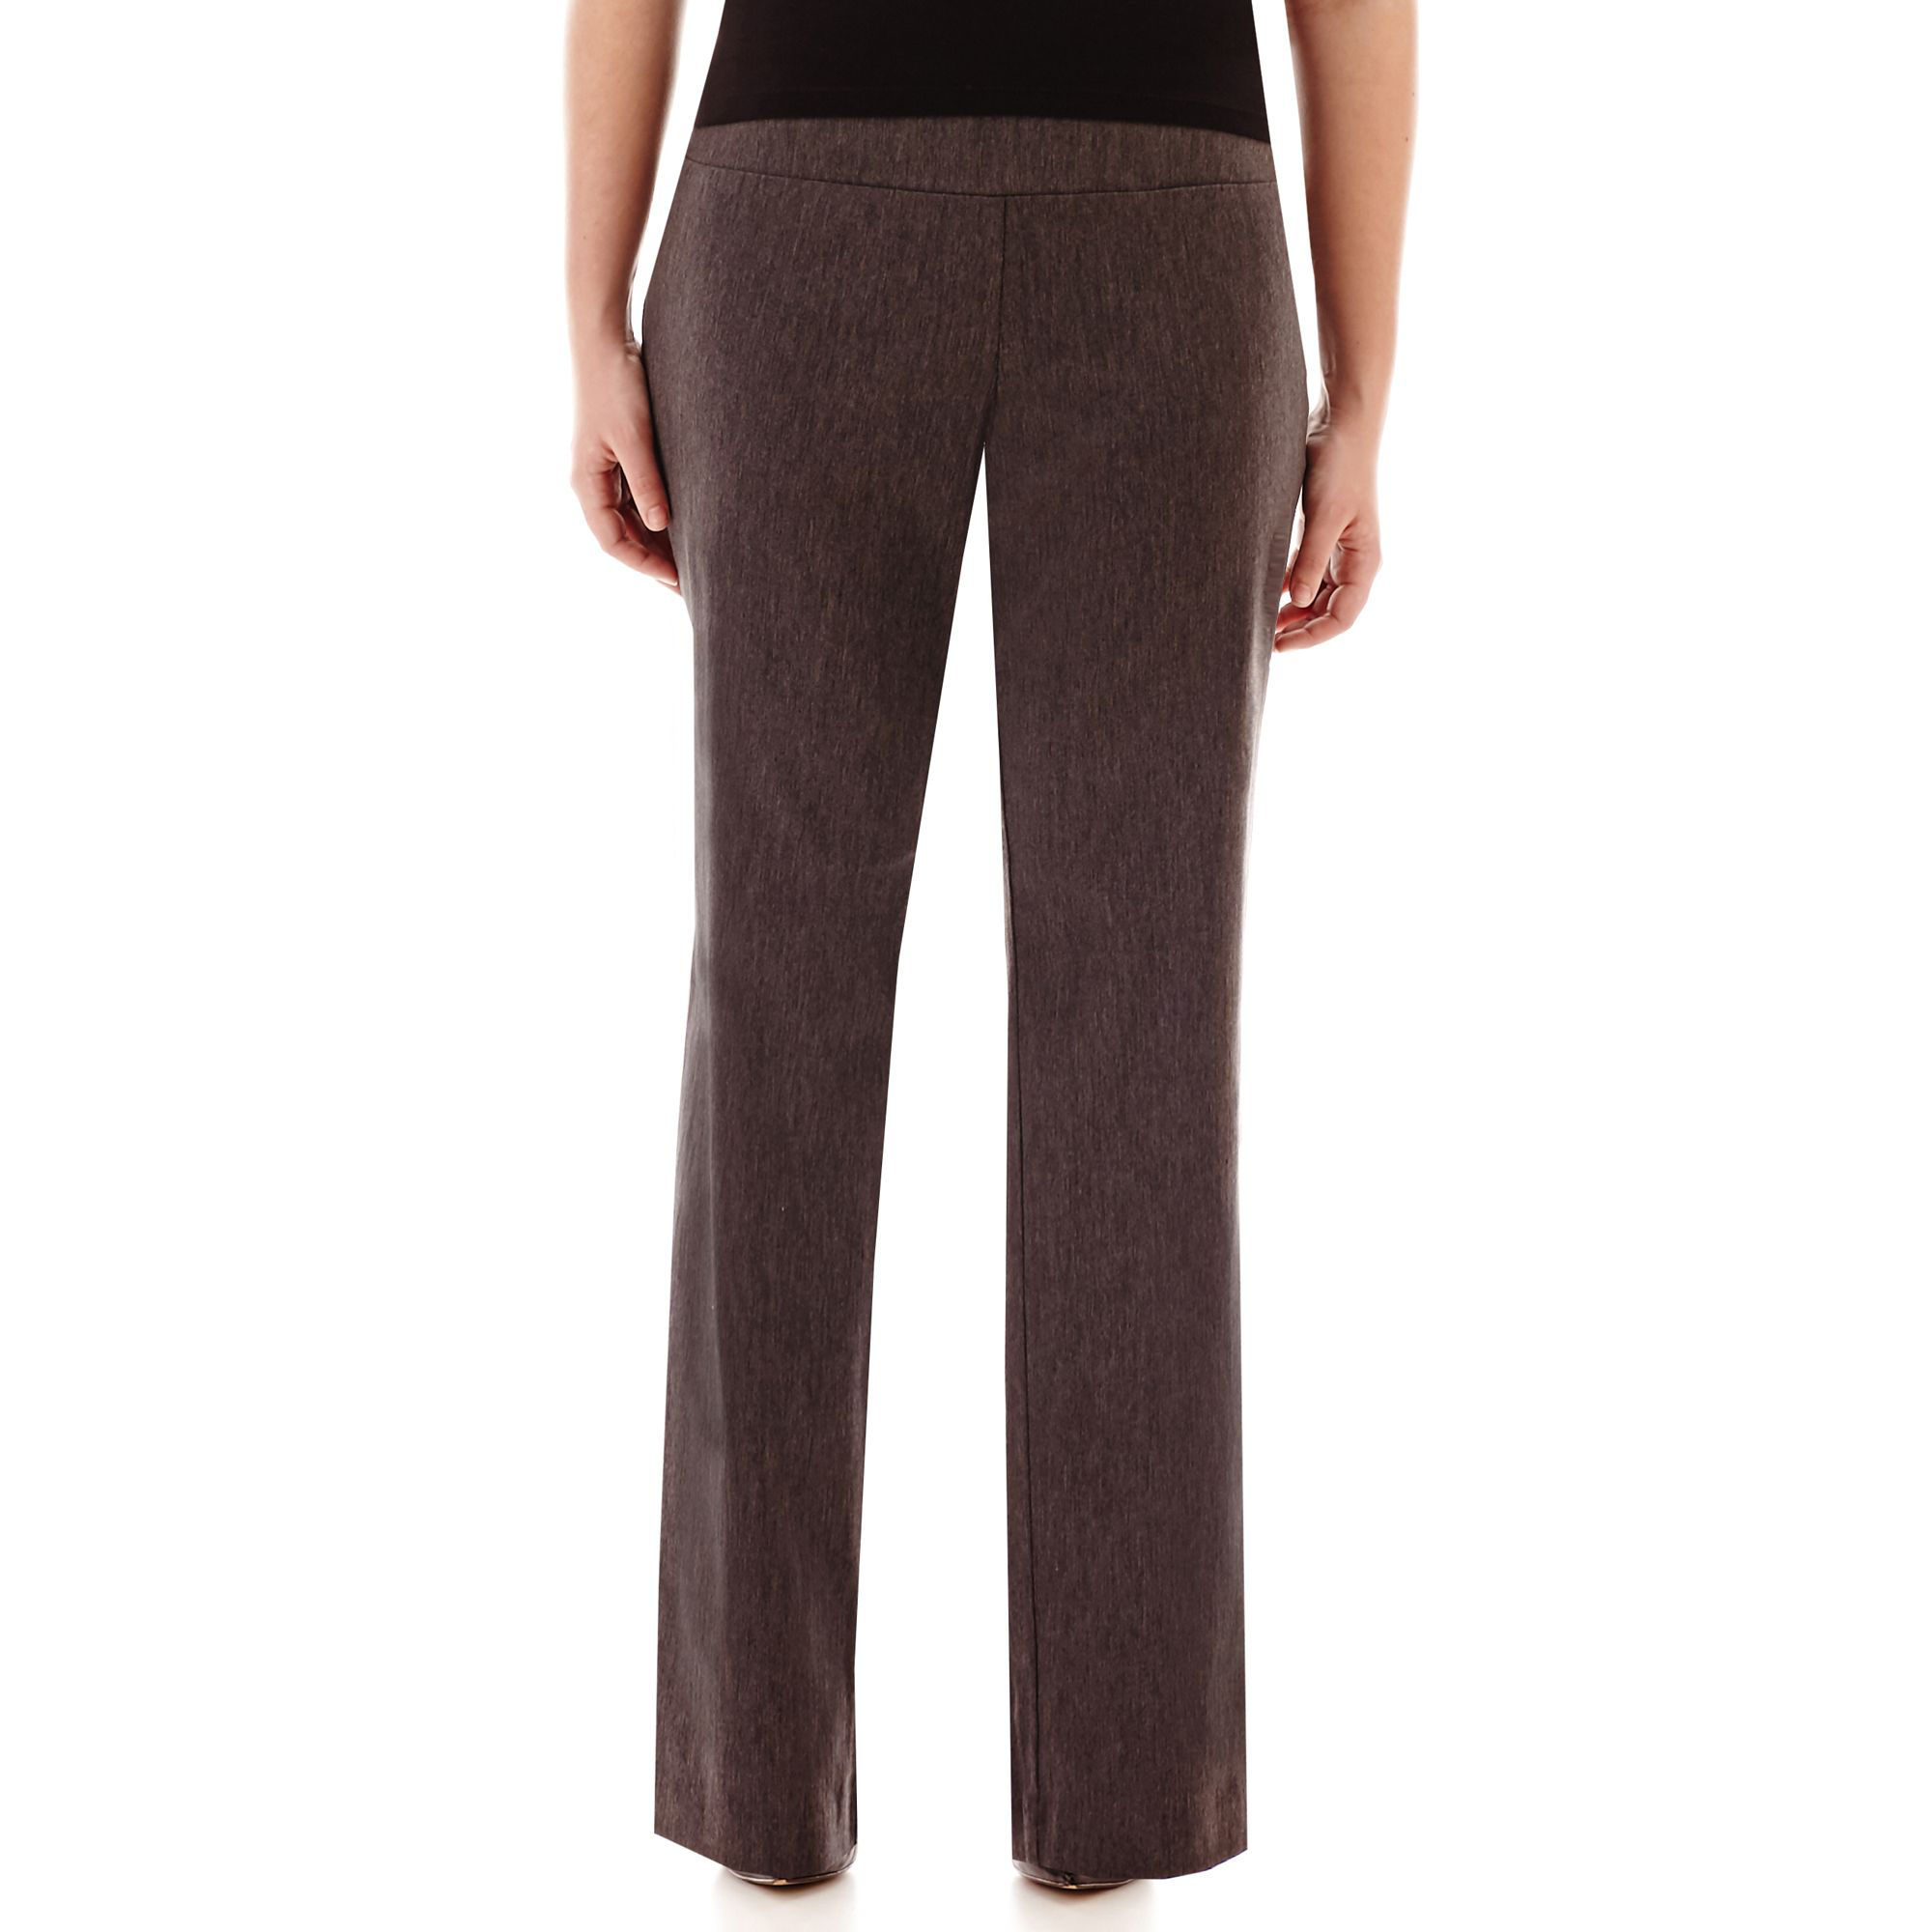 Alyx Millennium Pull-On Pants - Plus